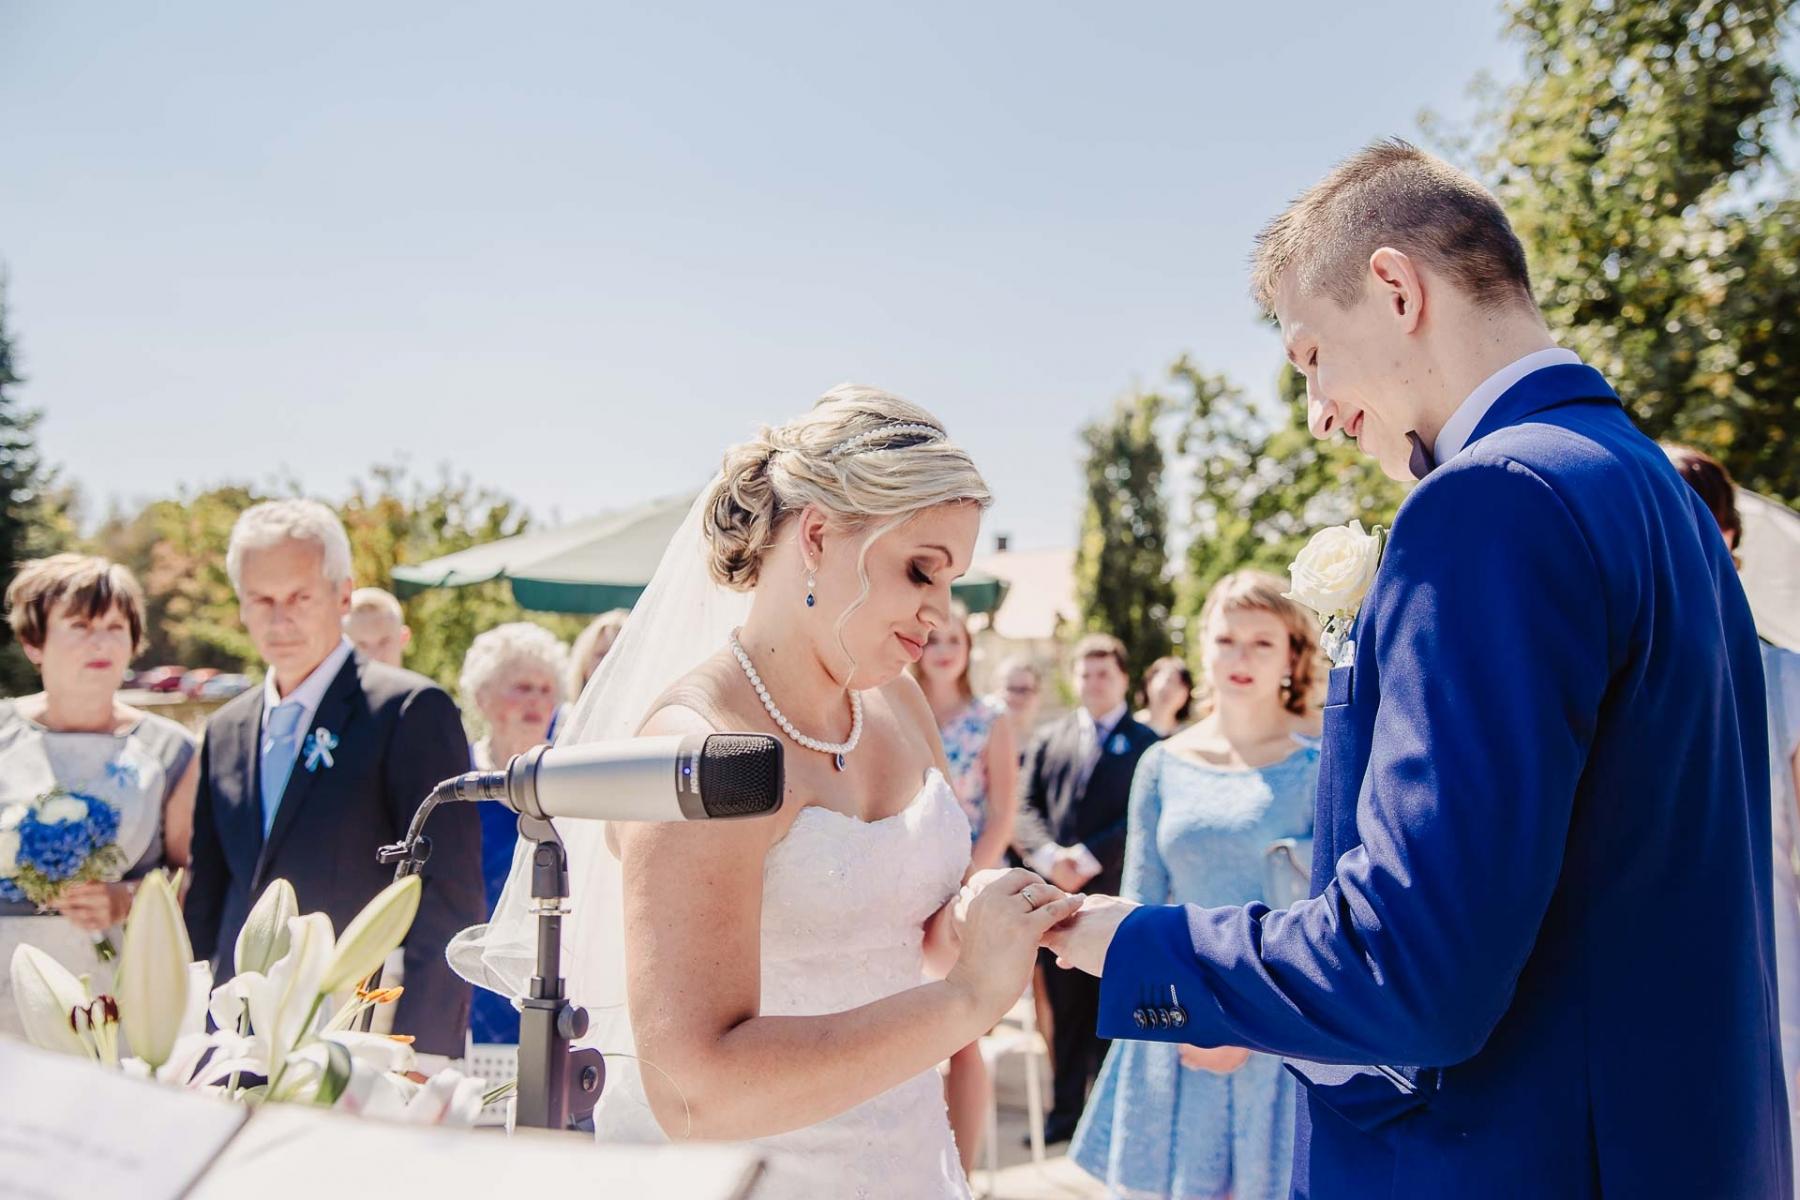 svatební fotograf zámek Mníšek pod Brdy, svatba na zámku, letní nejkrásnější zámecká svatba, Bára a Ondra-53